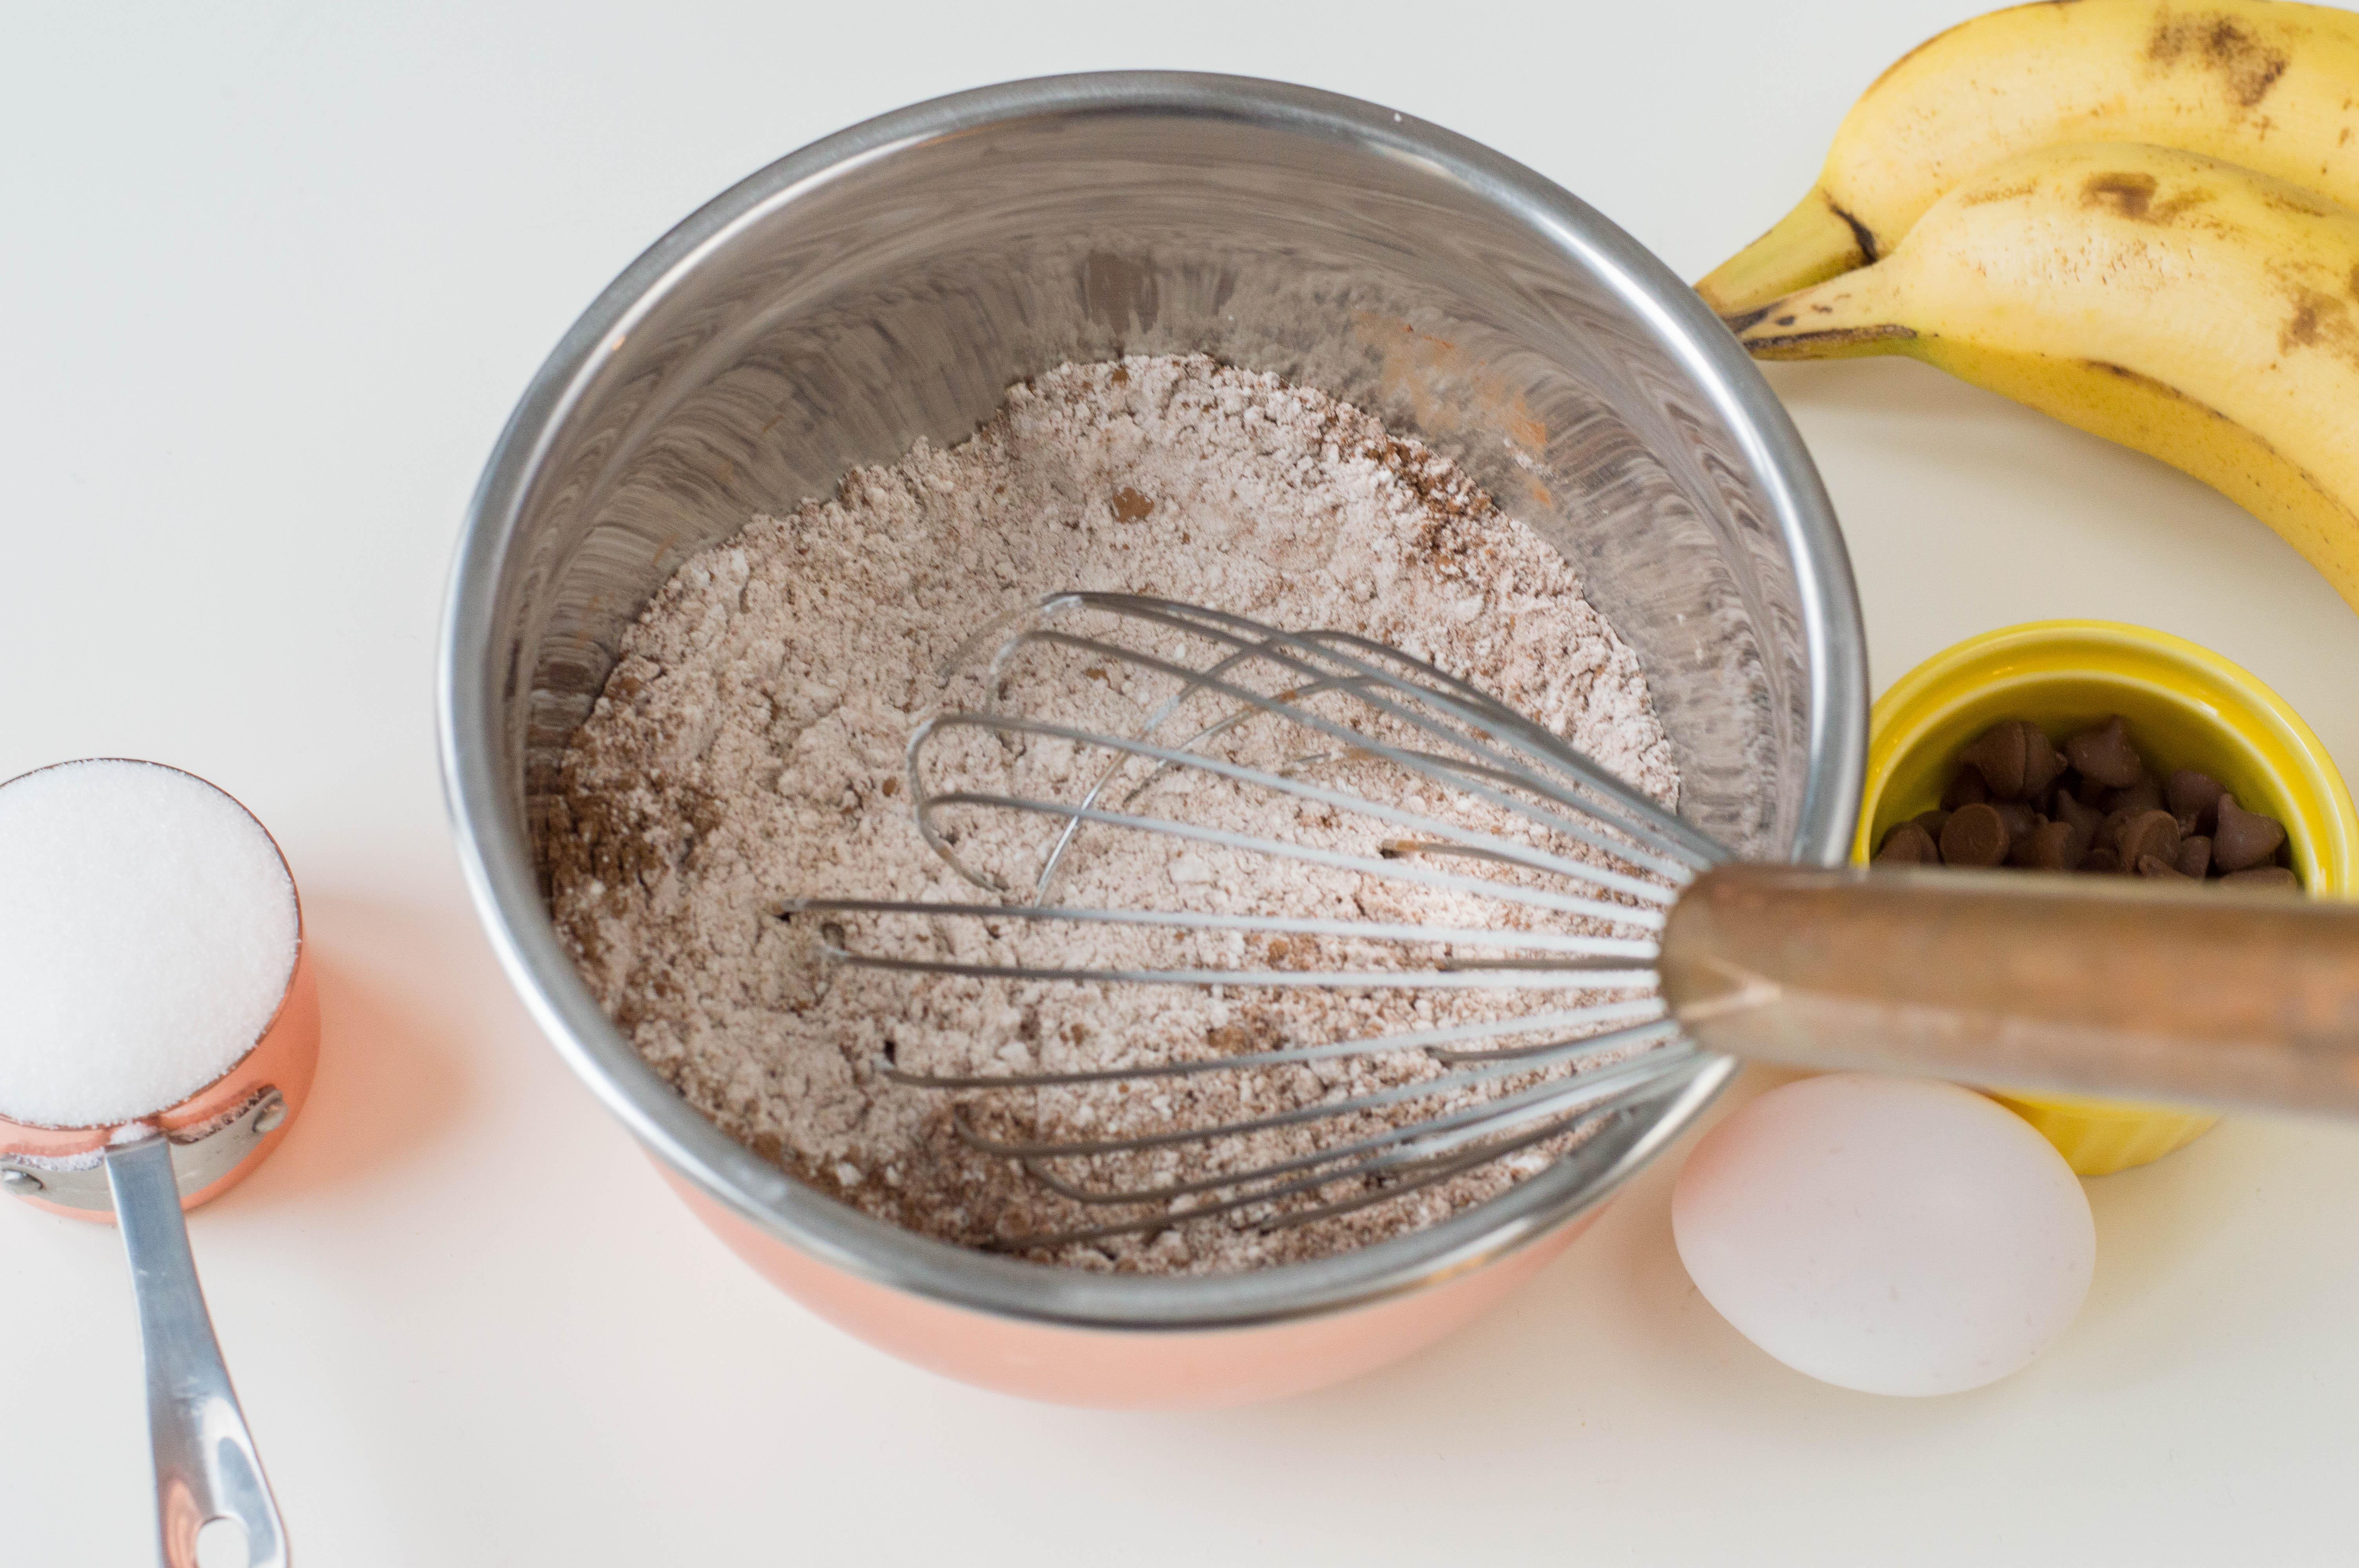 Steps to Make Chocolate Banana Muffins Recipe